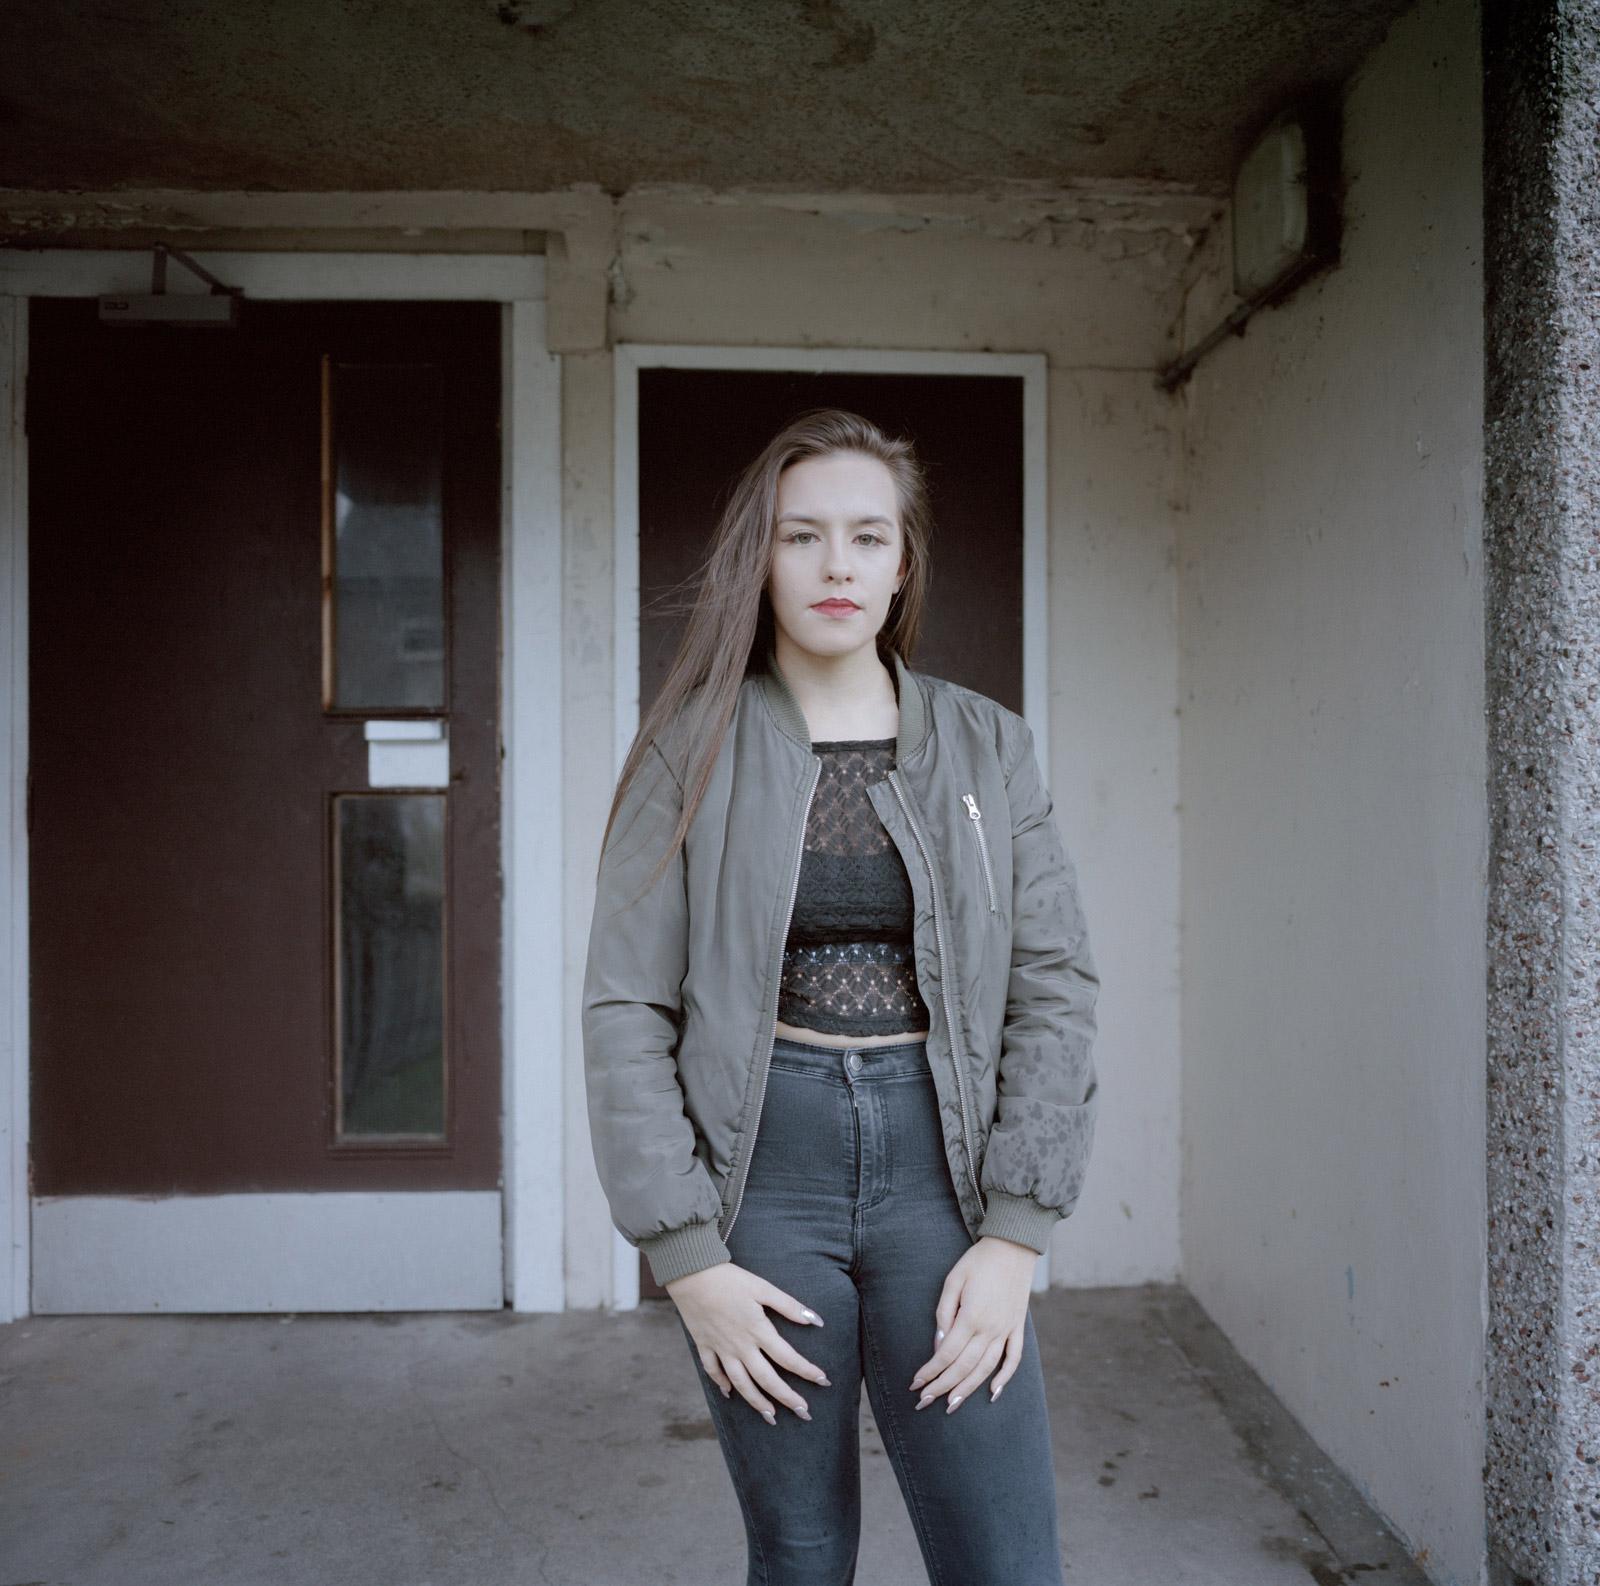 Courtney, Kellie's daughter